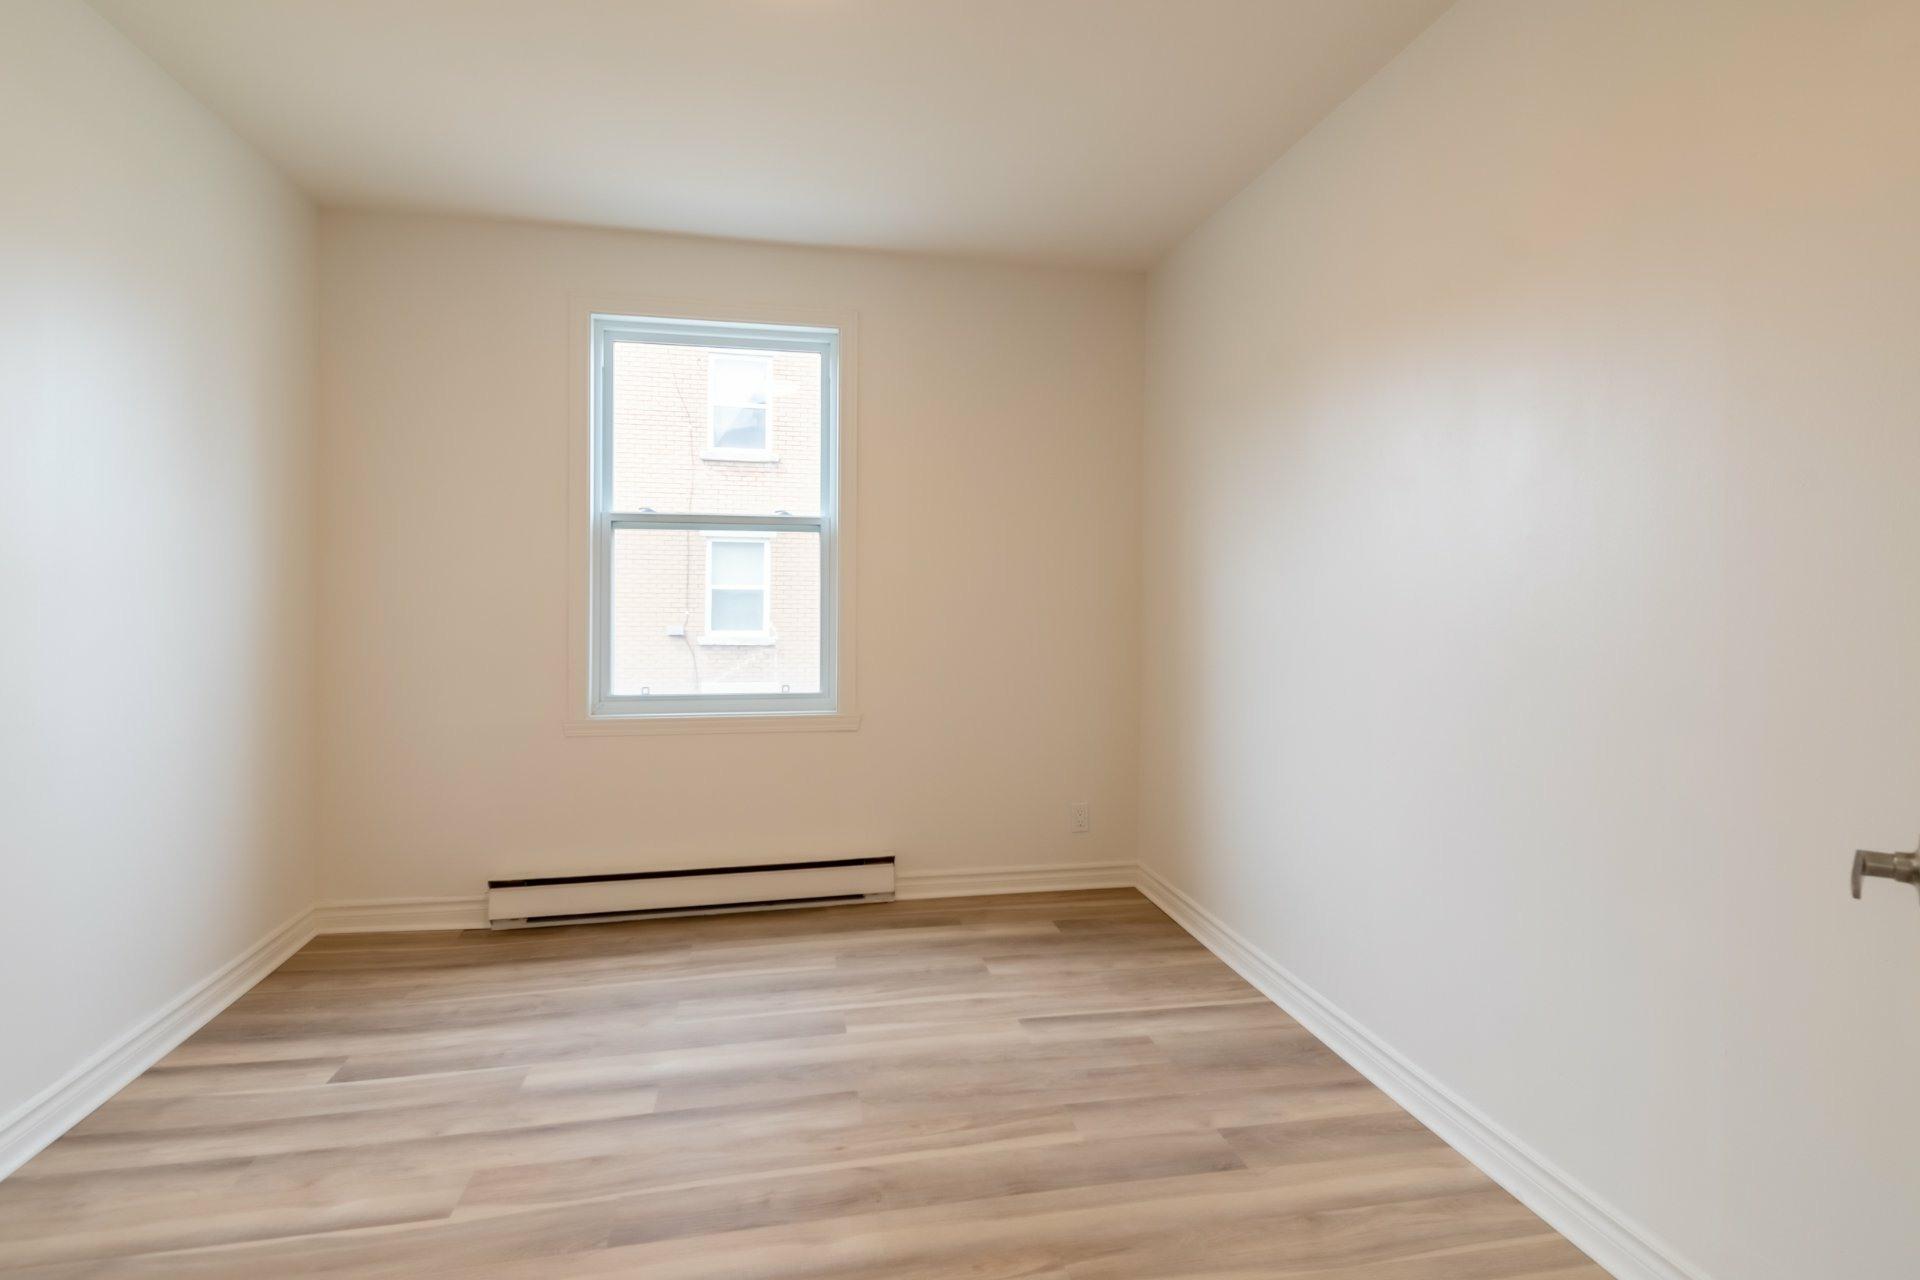 image 13 - Duplex For sale Trois-Rivières - 5 rooms